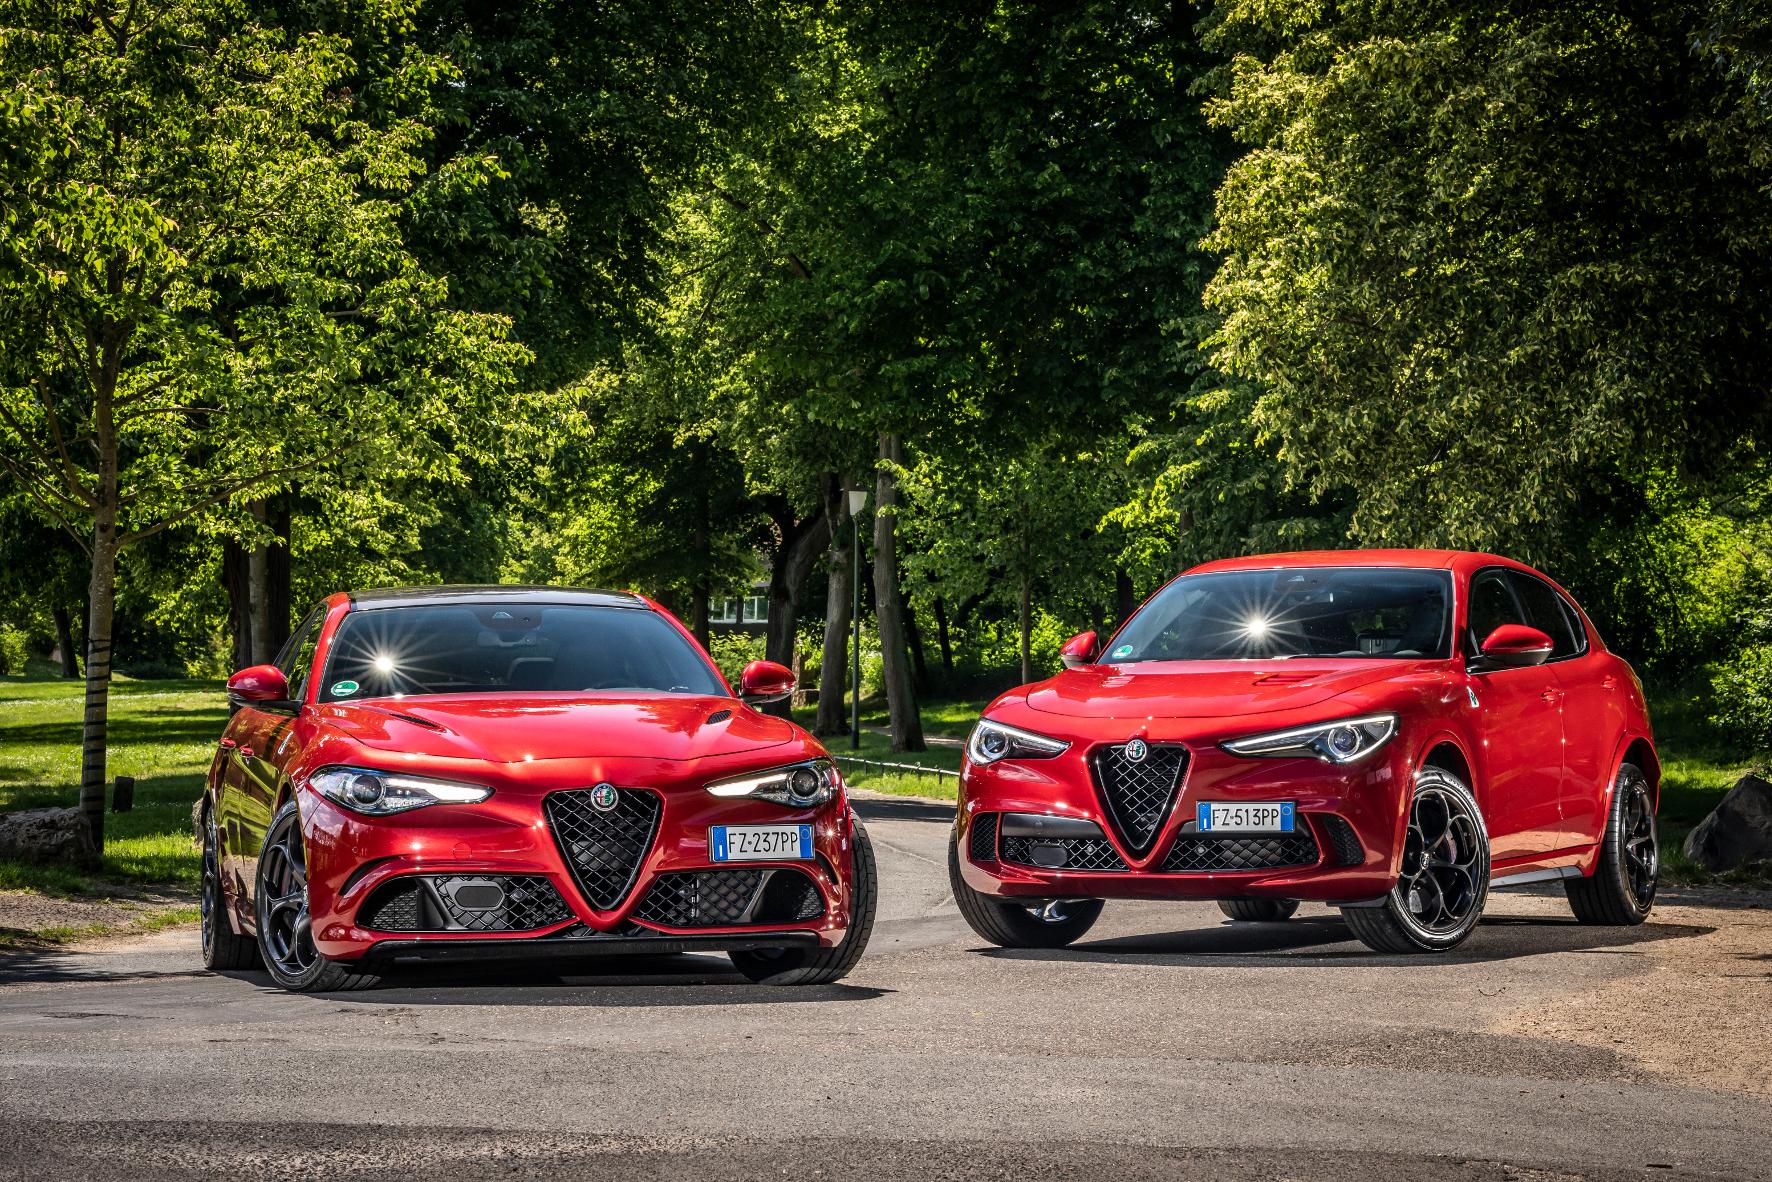 Ungleiches Paar mit vielen Gemeinsamkeiten: Alfa Romeo Giulia (links) und Stelvio Quadrifoglio greifen auf die gleichen sportiven Gene zurück. © Alfa Romeo /TRD mobil